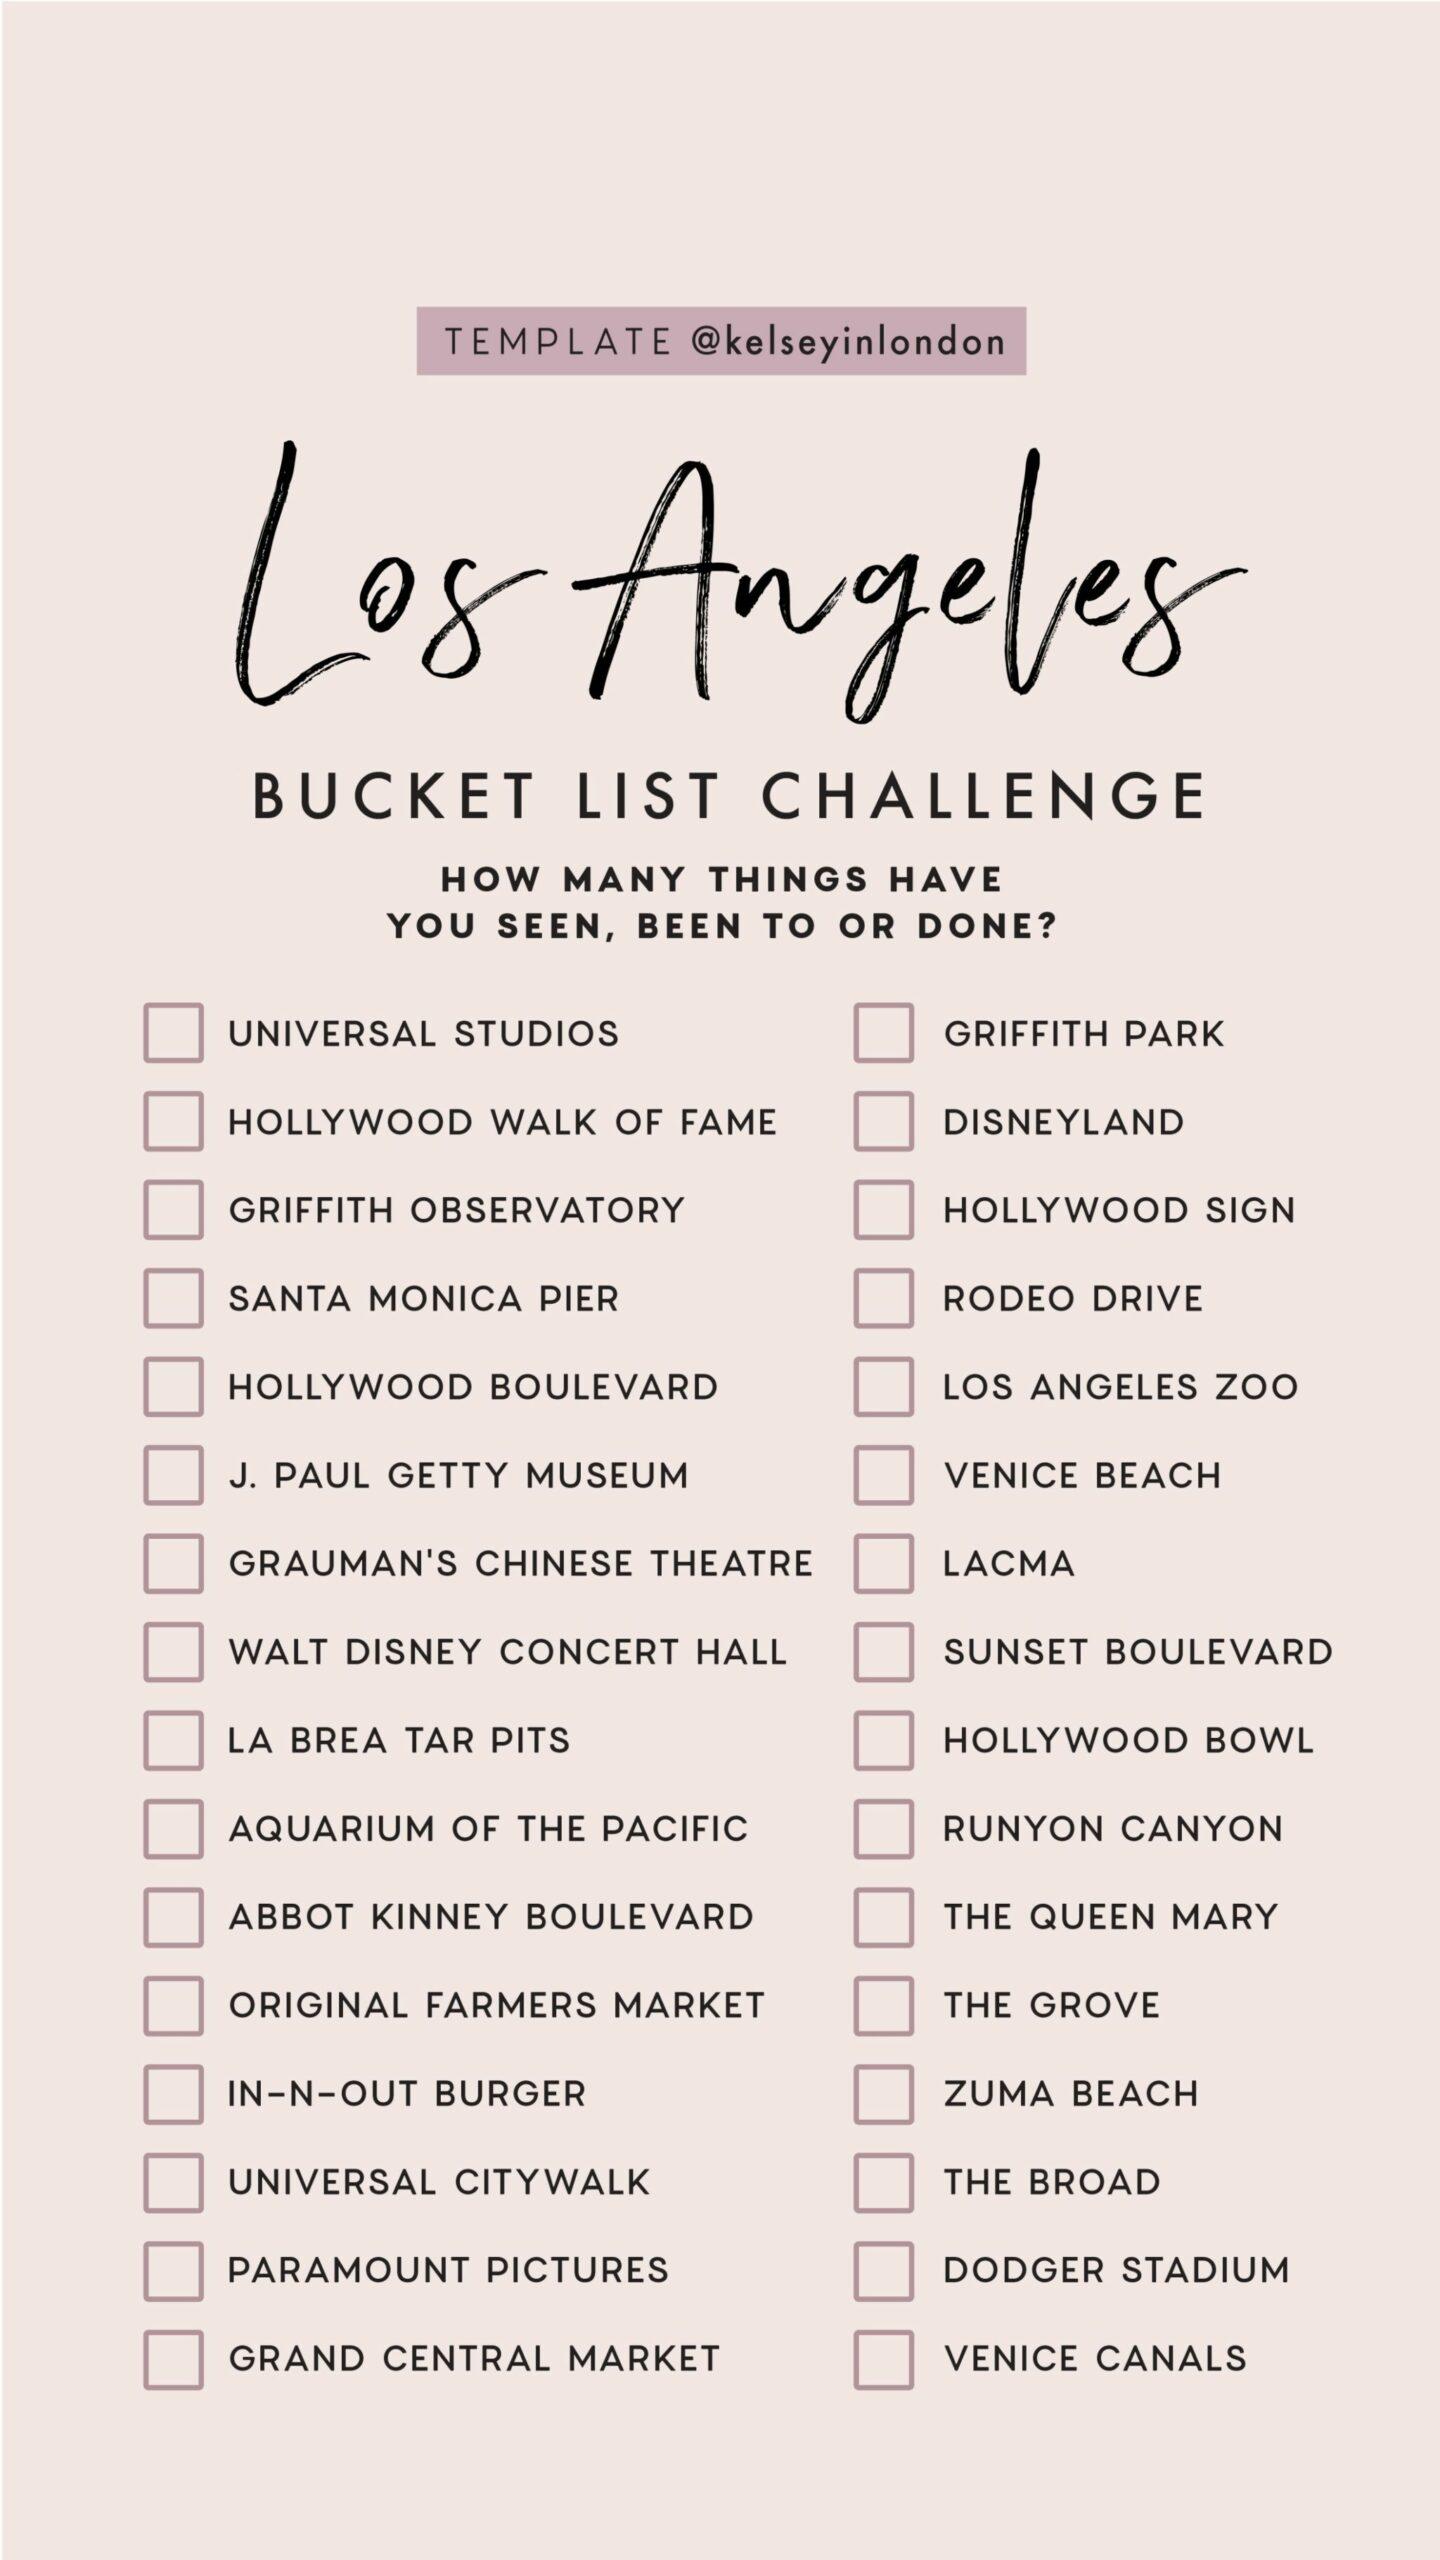 Top-things-to-do-in-Los-Angeles-Los-Angeles-Bucketlist-Instagram-Story-Template-kelseyinlondon-Kelsey-Heinrichs-What-to-do-in-Los-Angeles-Where-to-go-in-Los-Angeles-top-places-in-Los-Angeles-